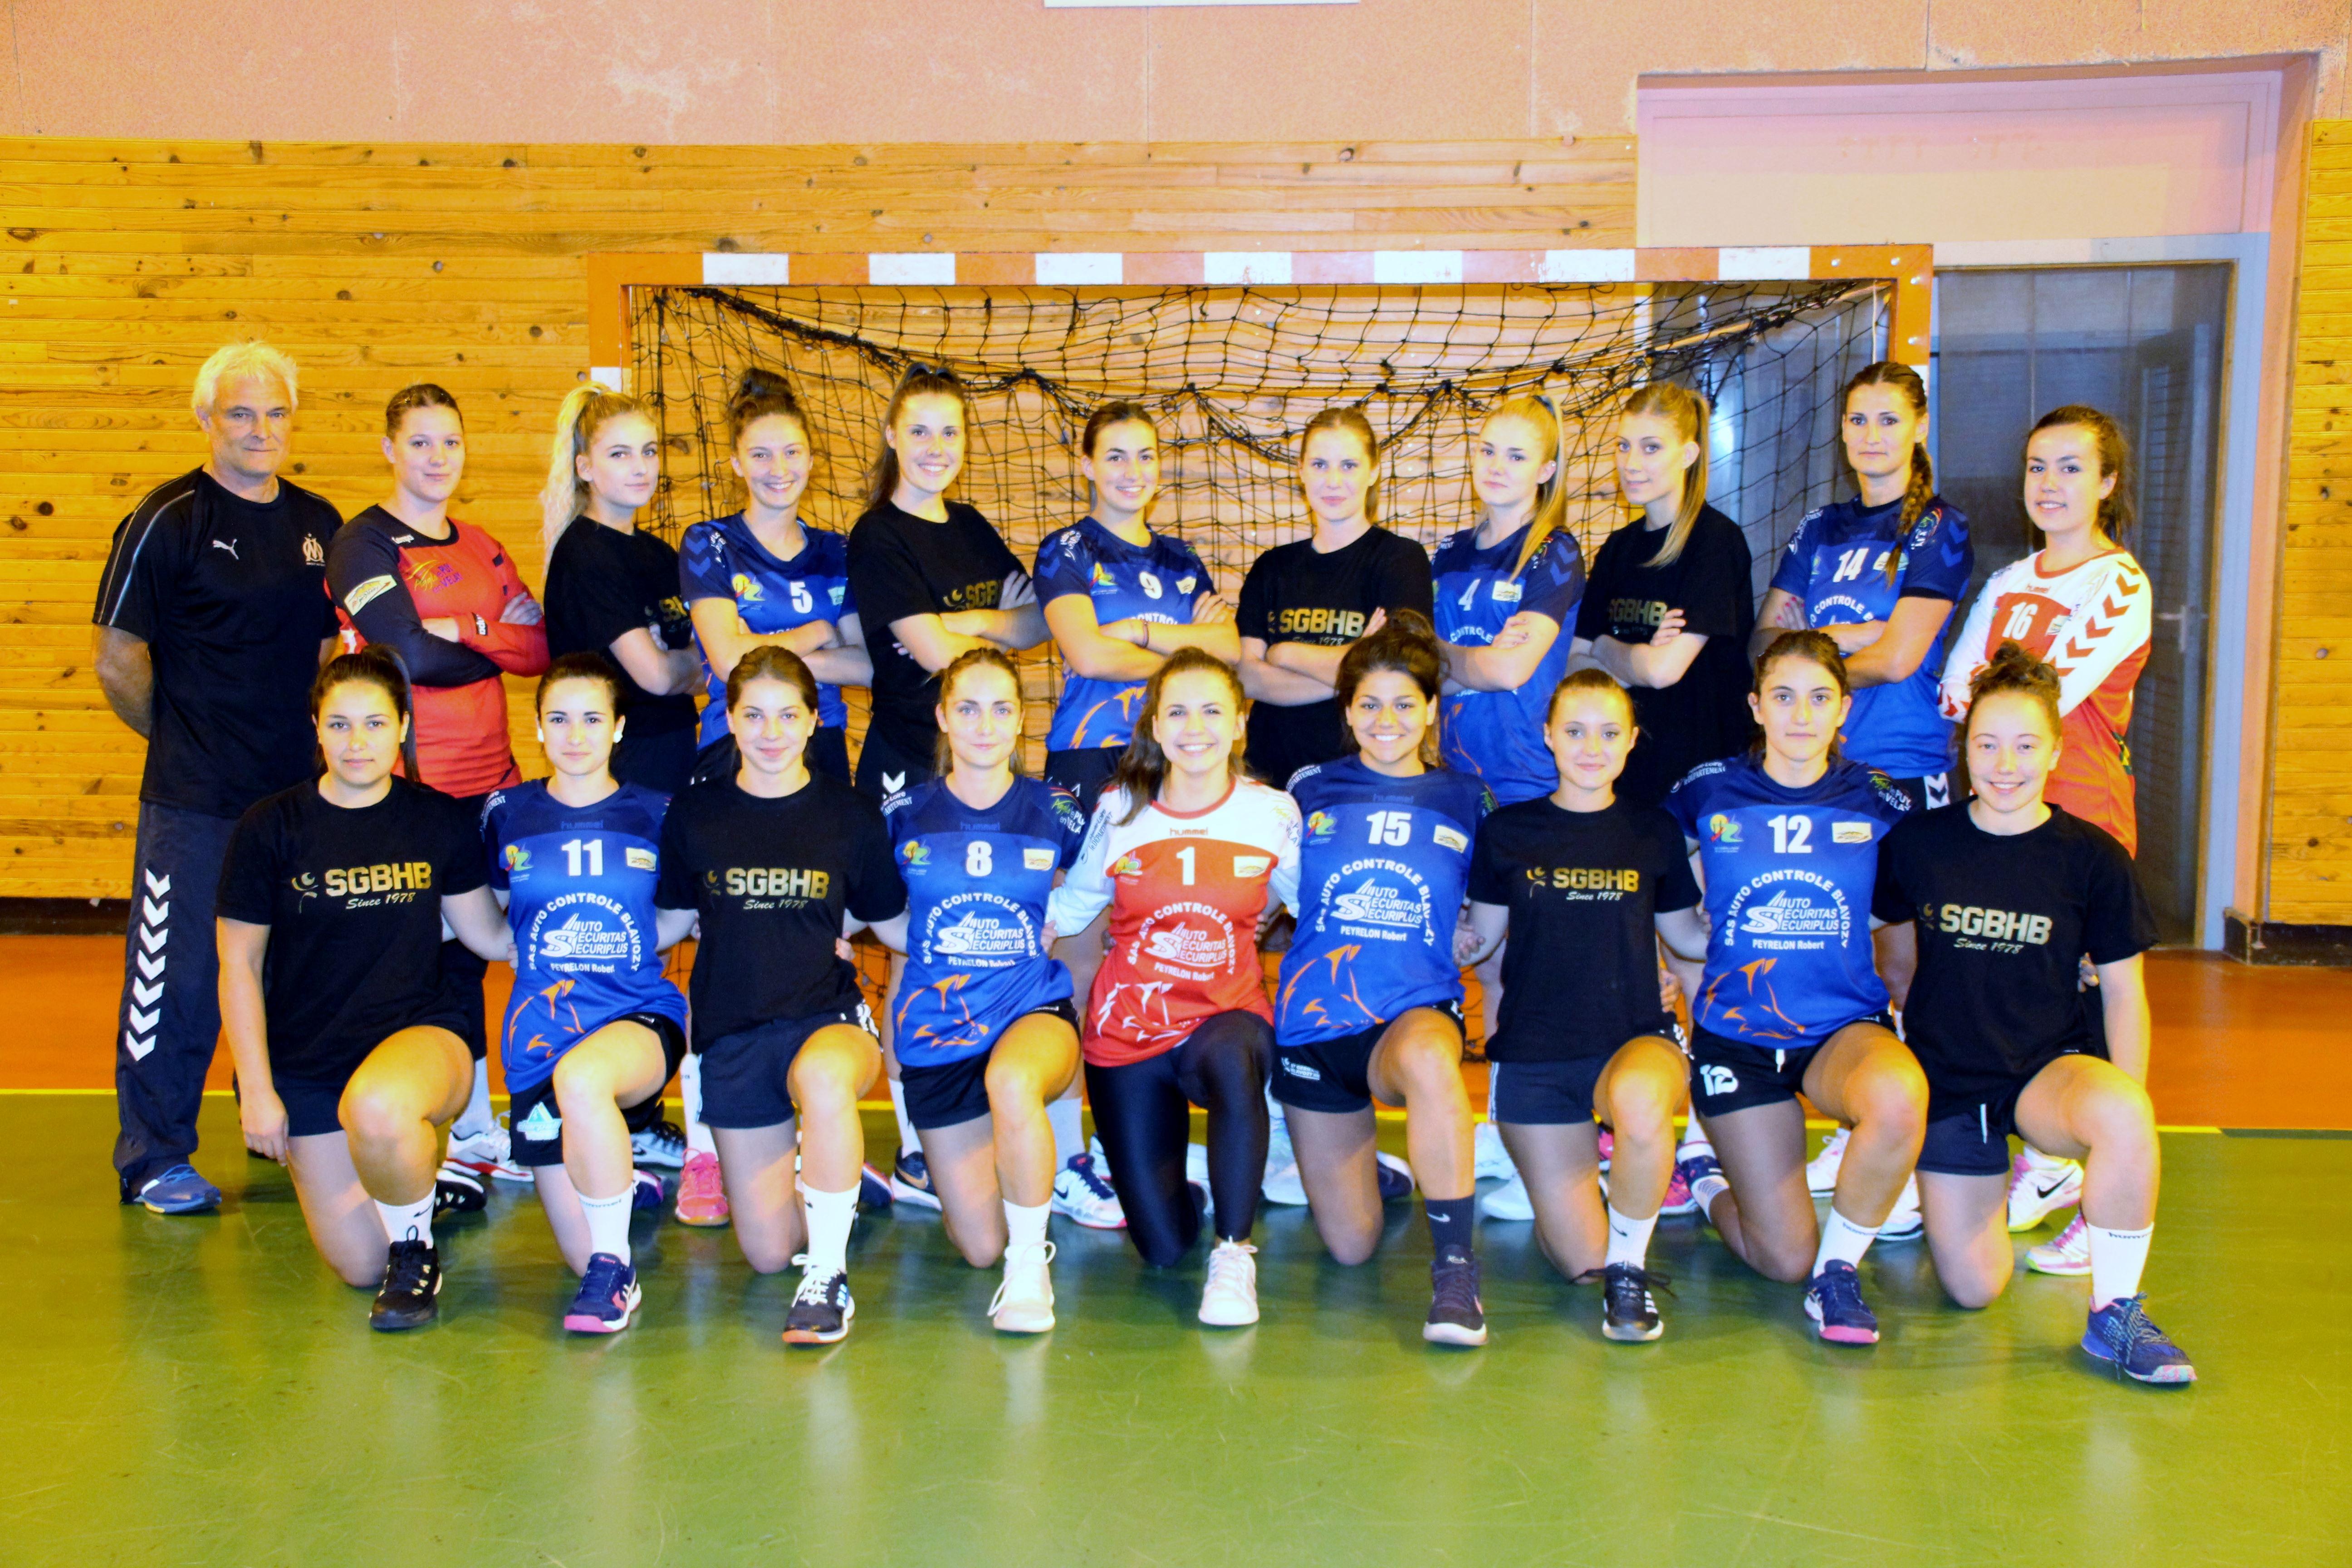 nationale 3 féminine hand ball st germain blavozy 39-32 Chamalières réac après match 141018